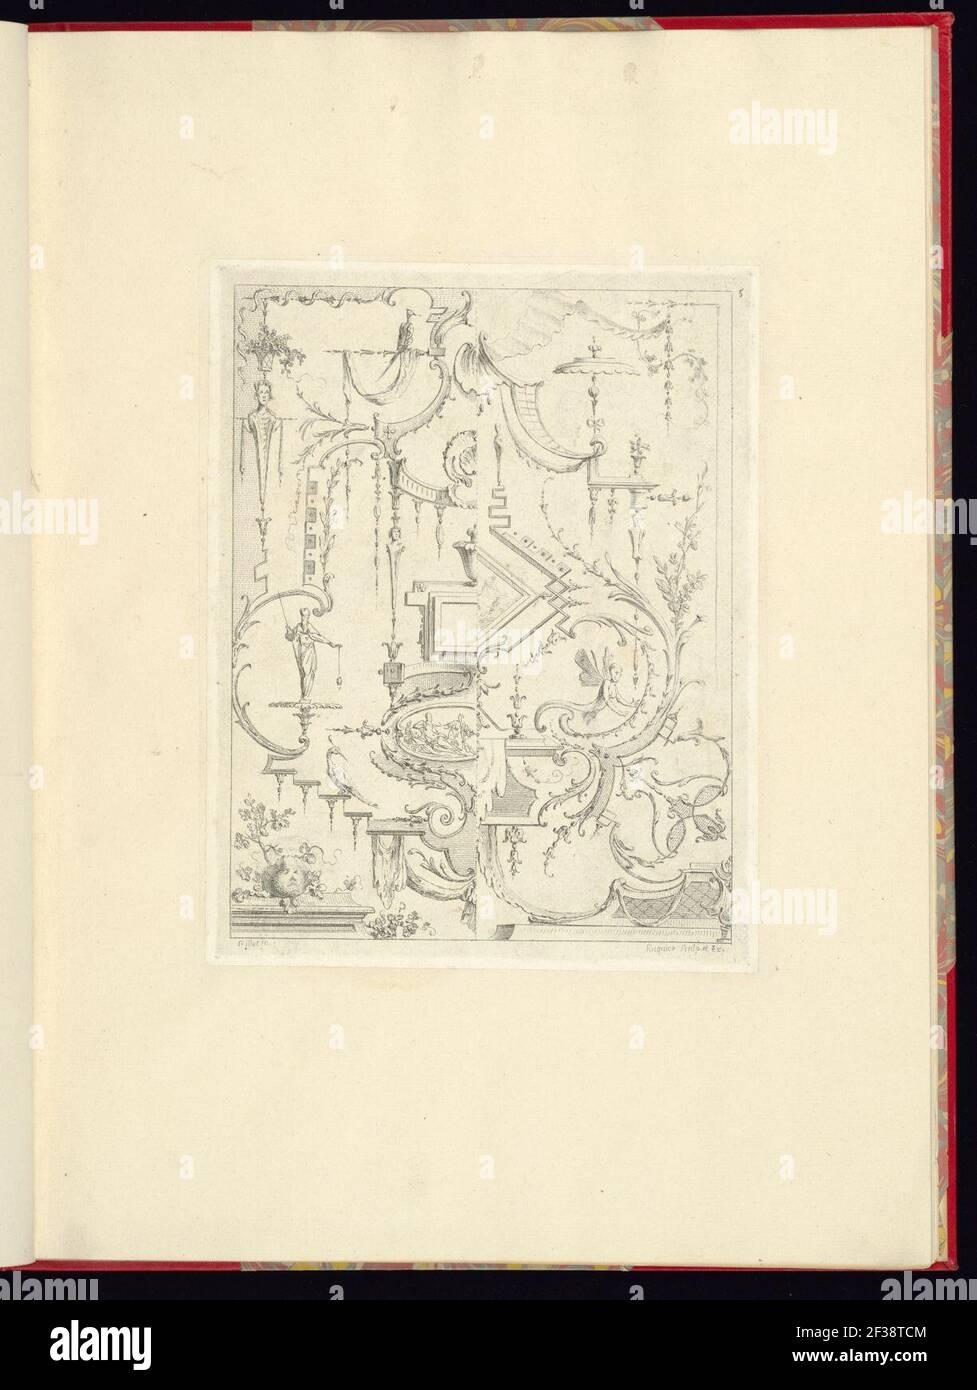 Print, Nouveau livre de principes d'ornements particulièrement pour trouver un nombre infini de formes qui dependent, d'après les dessins de Gillot. Peintre du Roy, Gravé par Huquier; pl. 5 Stockfoto